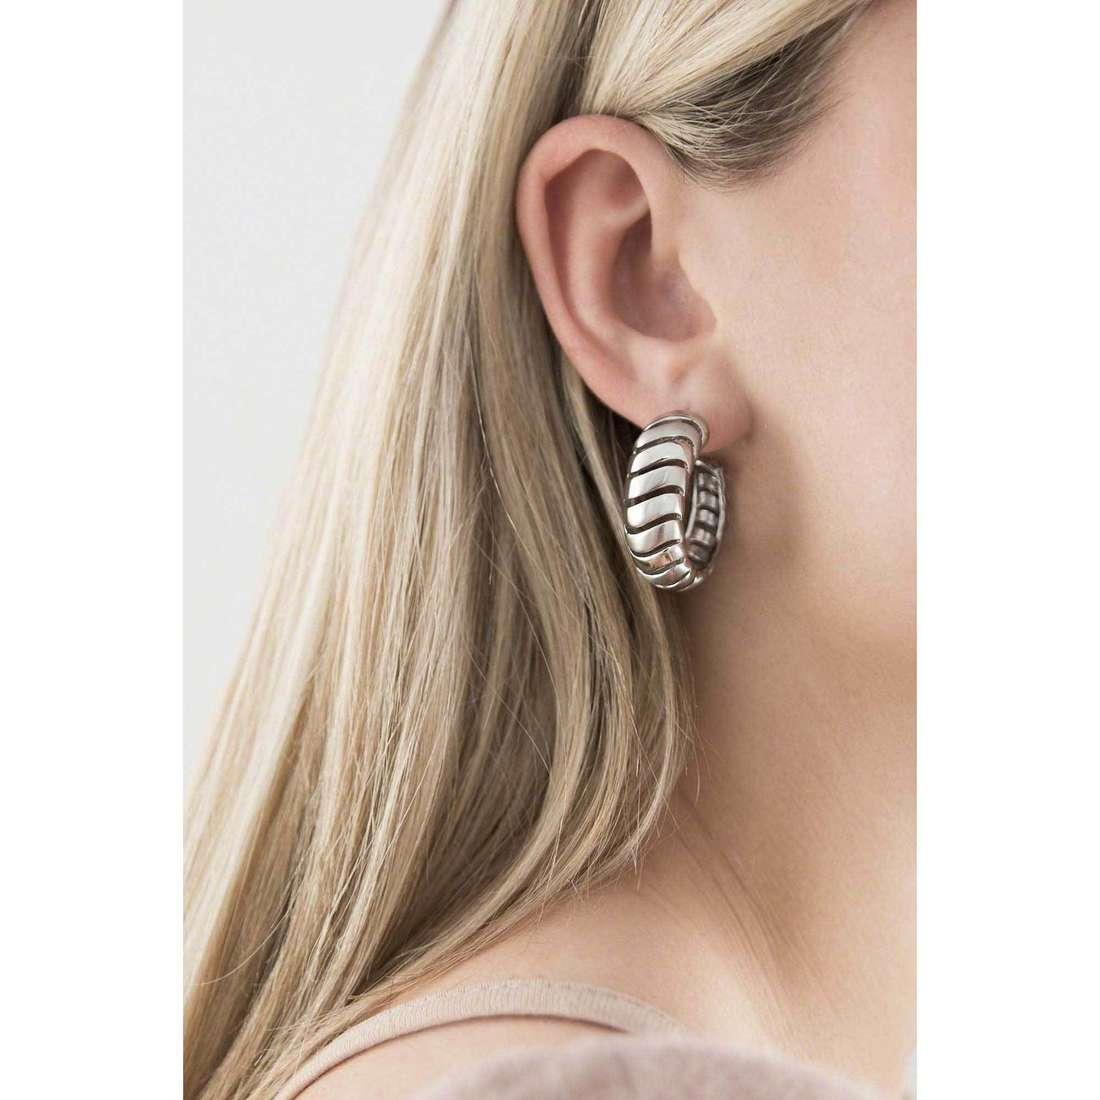 Breil boucles d'oreille Nouvelle Vague femme TJ1437 indosso